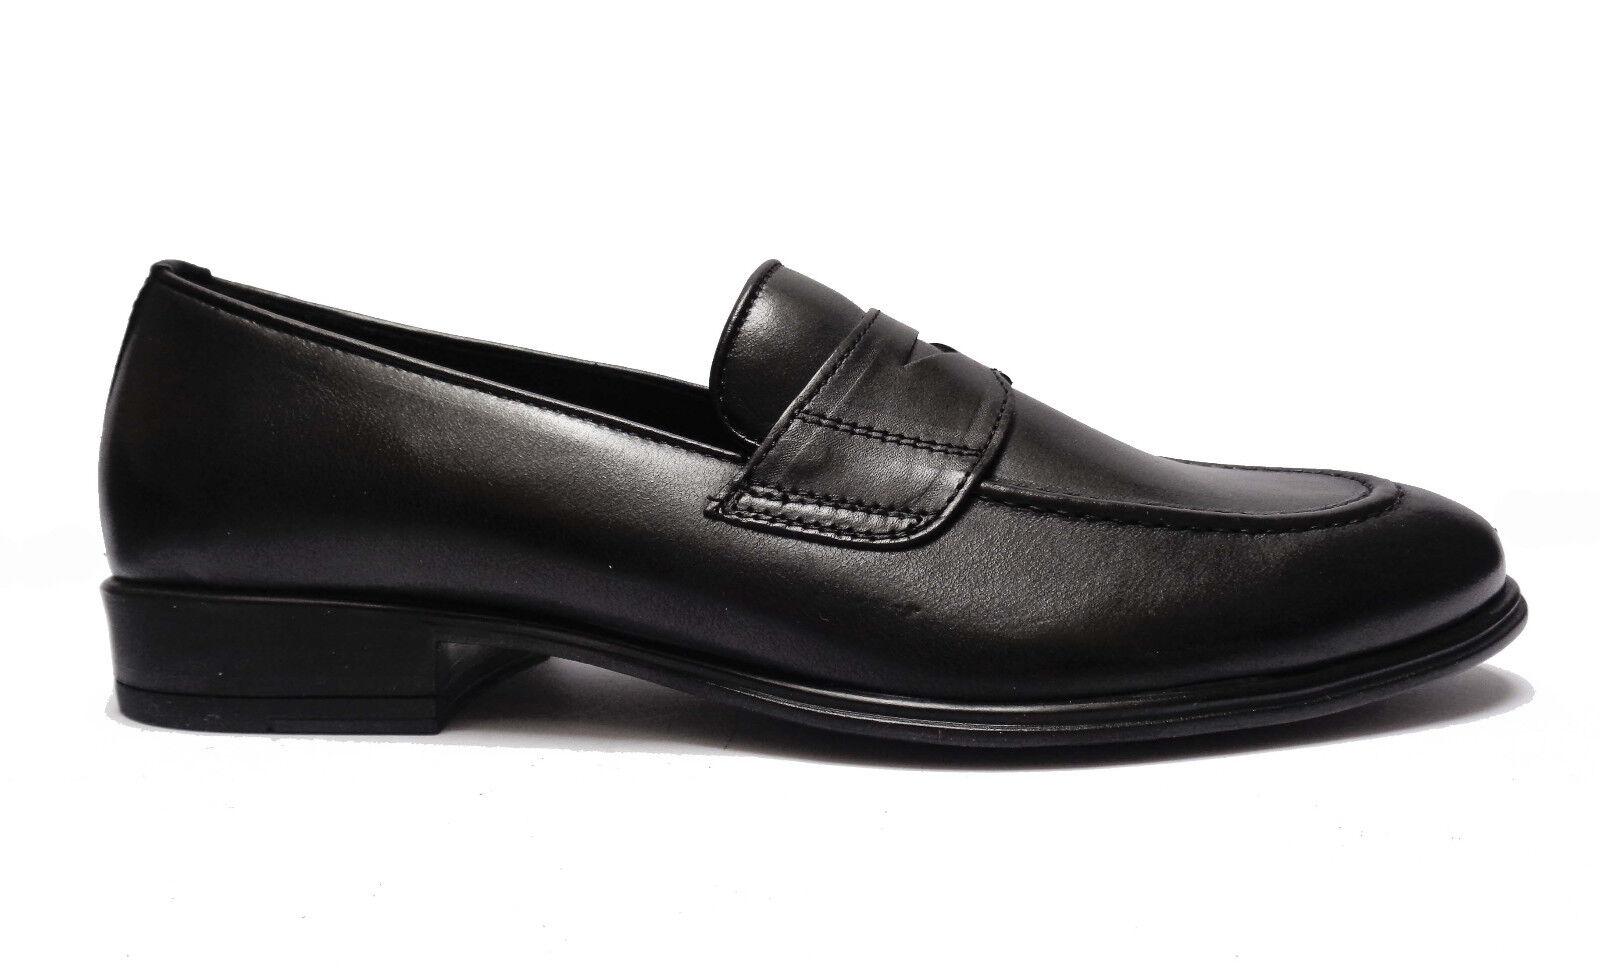 shoes DA men ANTICA CUOIERIA MOCASSINI IN PELLE black FONDO IN GOMMA LEGGERA